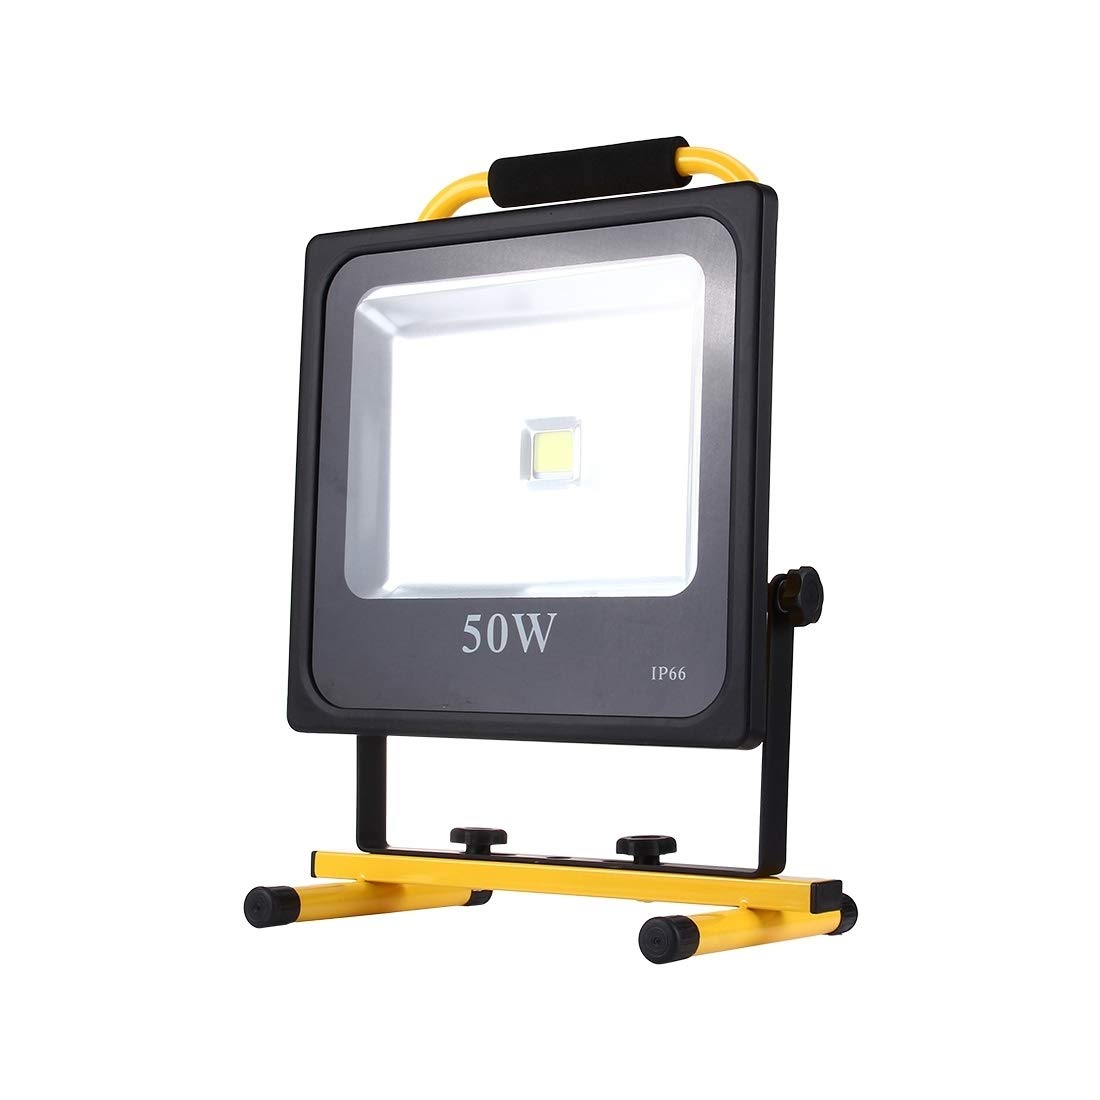 屋外ガーデンライト 50W 4500LM寿命防水LED充電式スリムハンドヘルドフラッドライトランプ、AC 100-240V 屋外ライト B07RHY5V7H